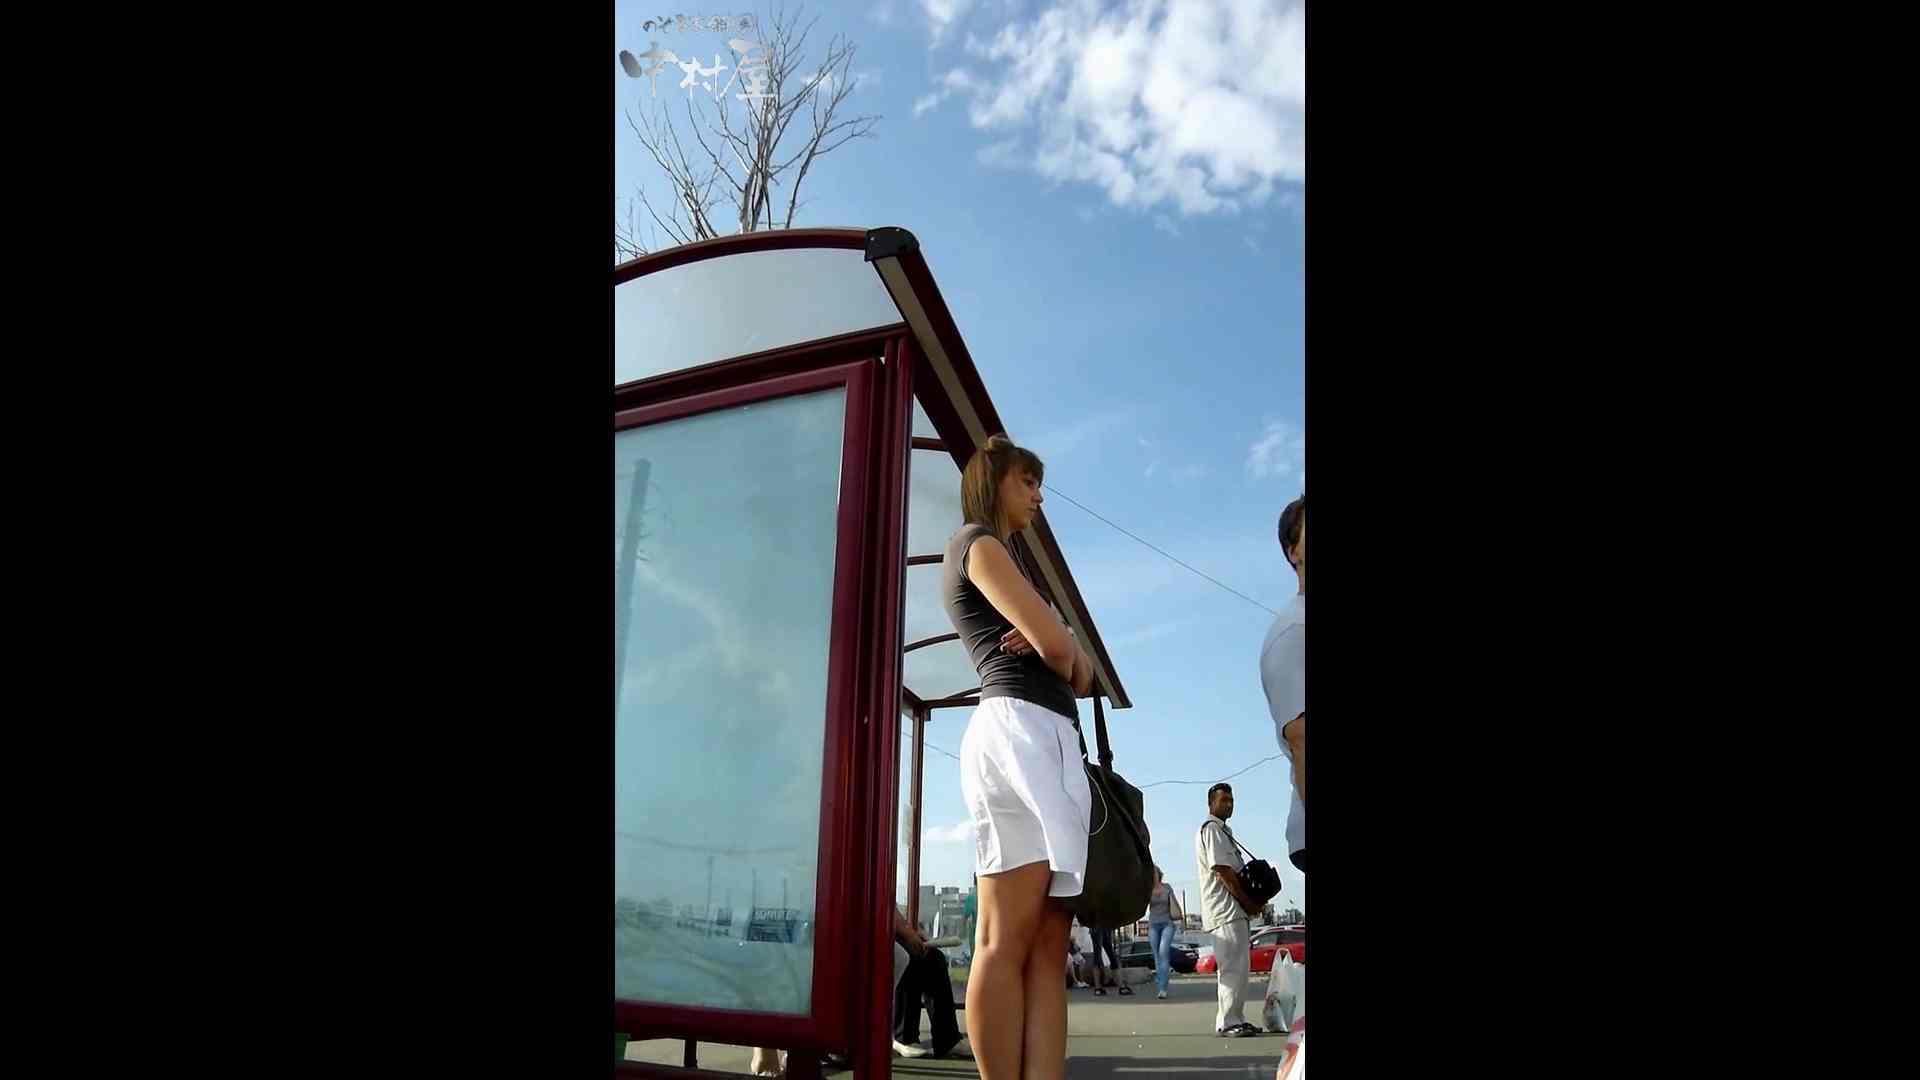 綺麗なモデルさんのスカート捲っちゃおう‼ vol21 お姉さんのエロ動画 | 0  87PIX 31